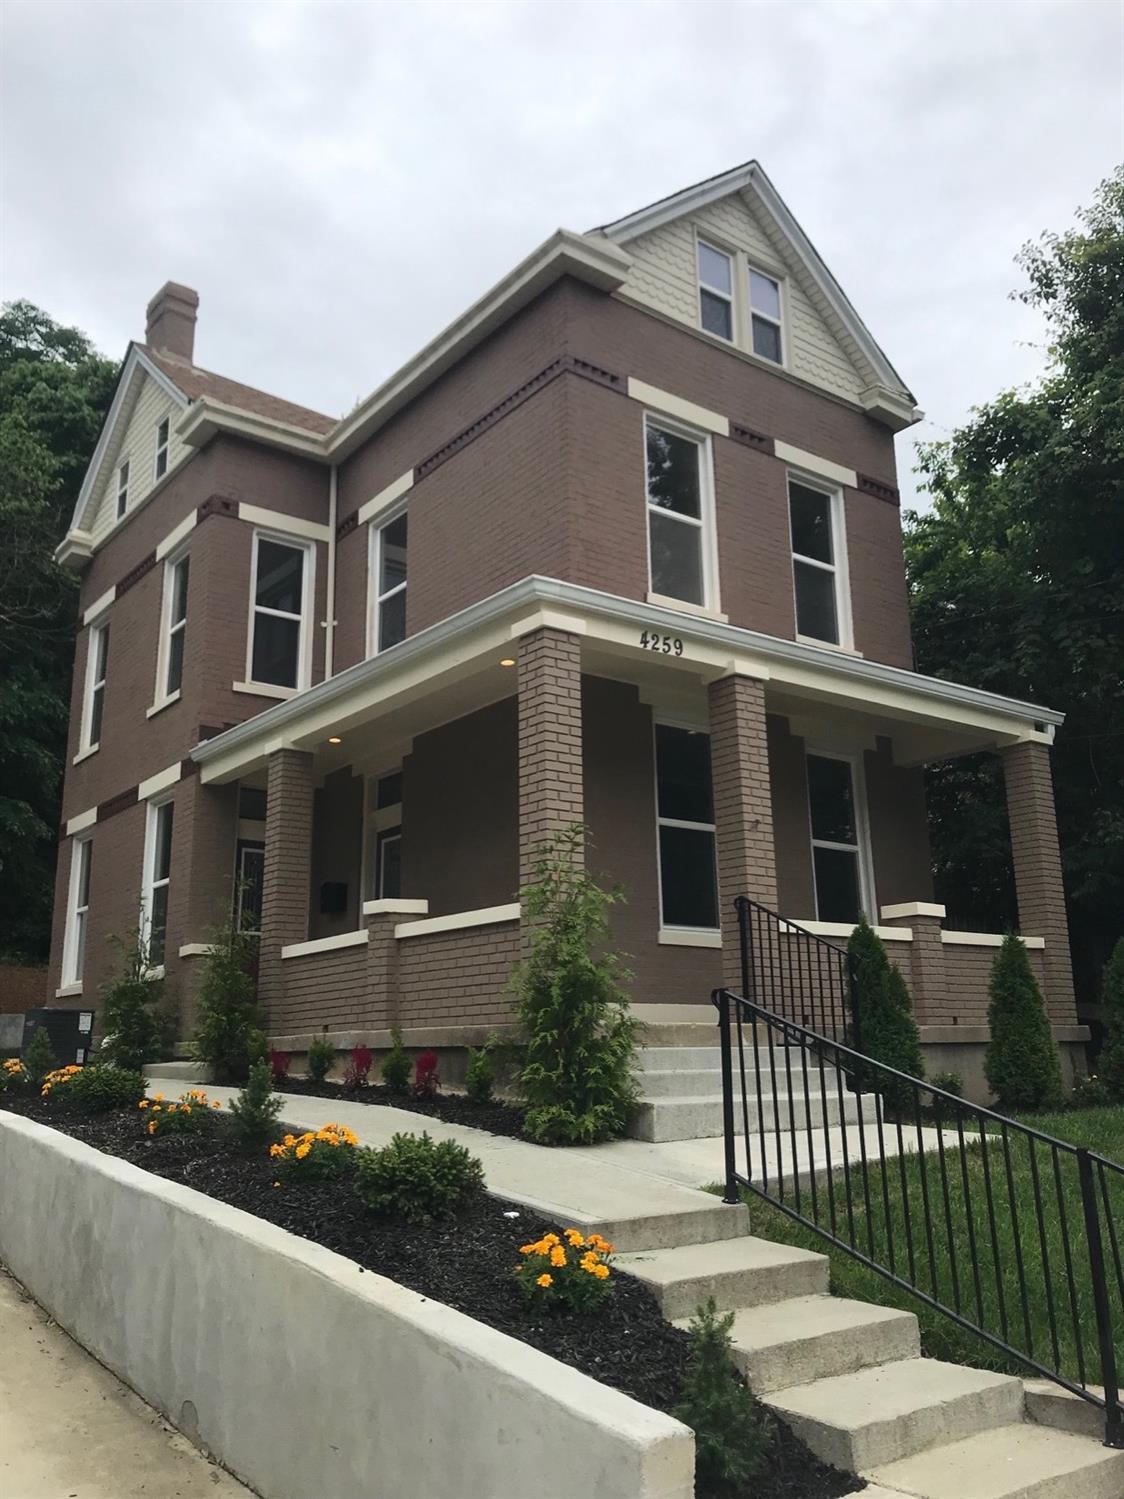 Property for sale at 4259 Virginia Avenue, Cincinnati,  Ohio 45223